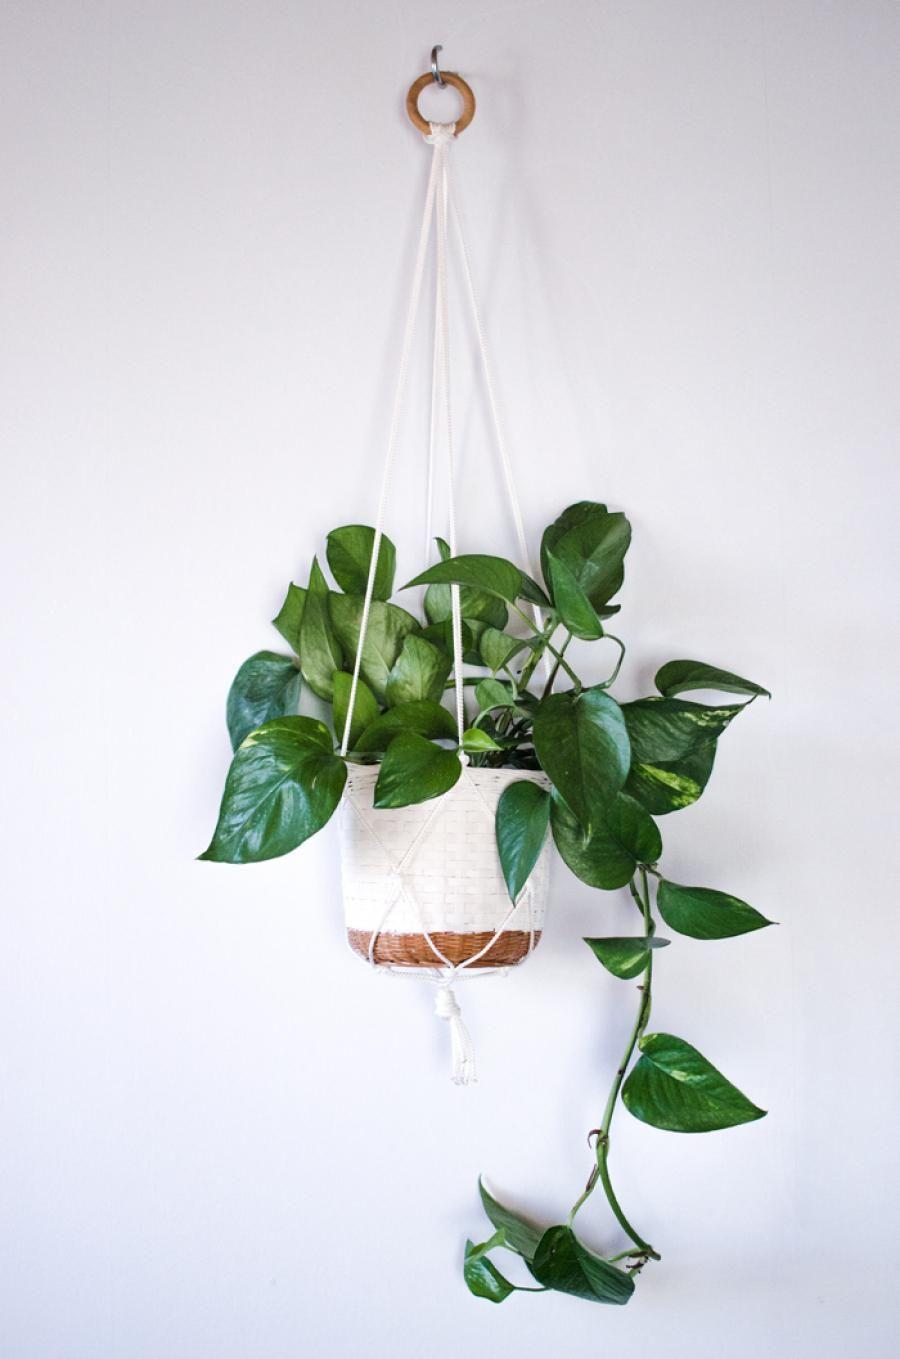 Suspension Pour Plantes D Intérieur réalisez facilement votre propre suspension végétale avec un